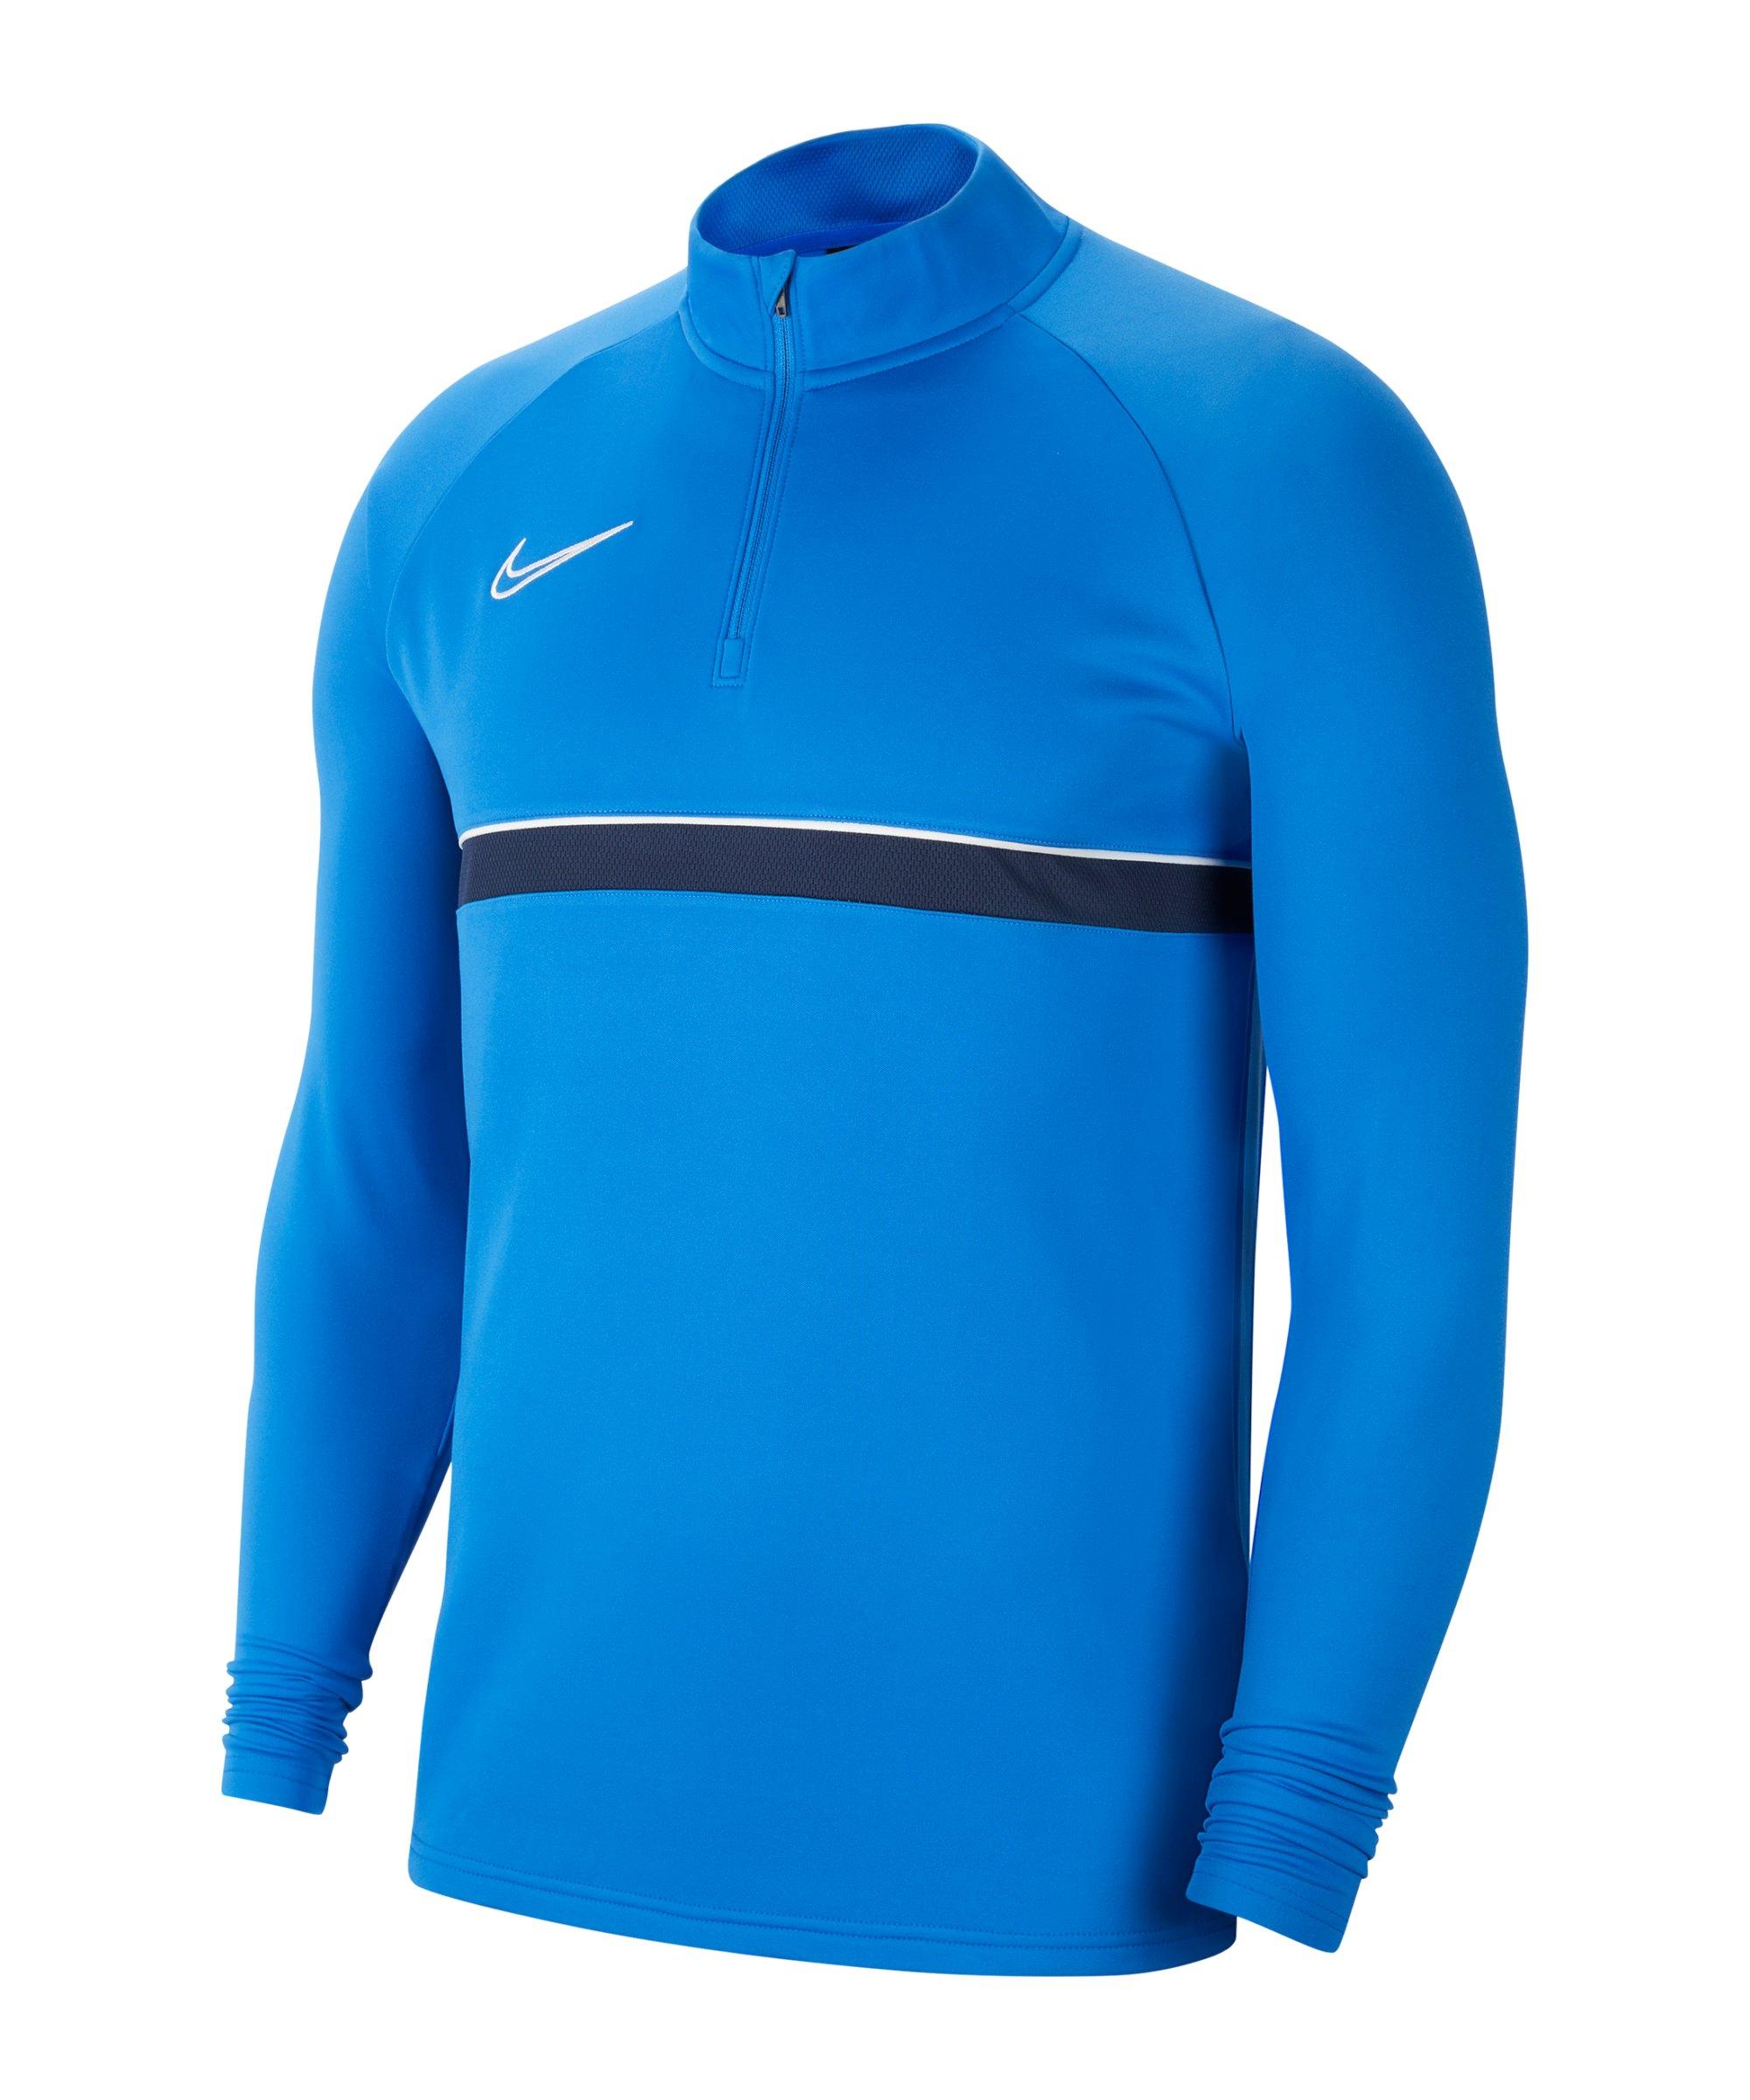 Nike Academy 21 Drill Top Blau Weiss F463 - blau